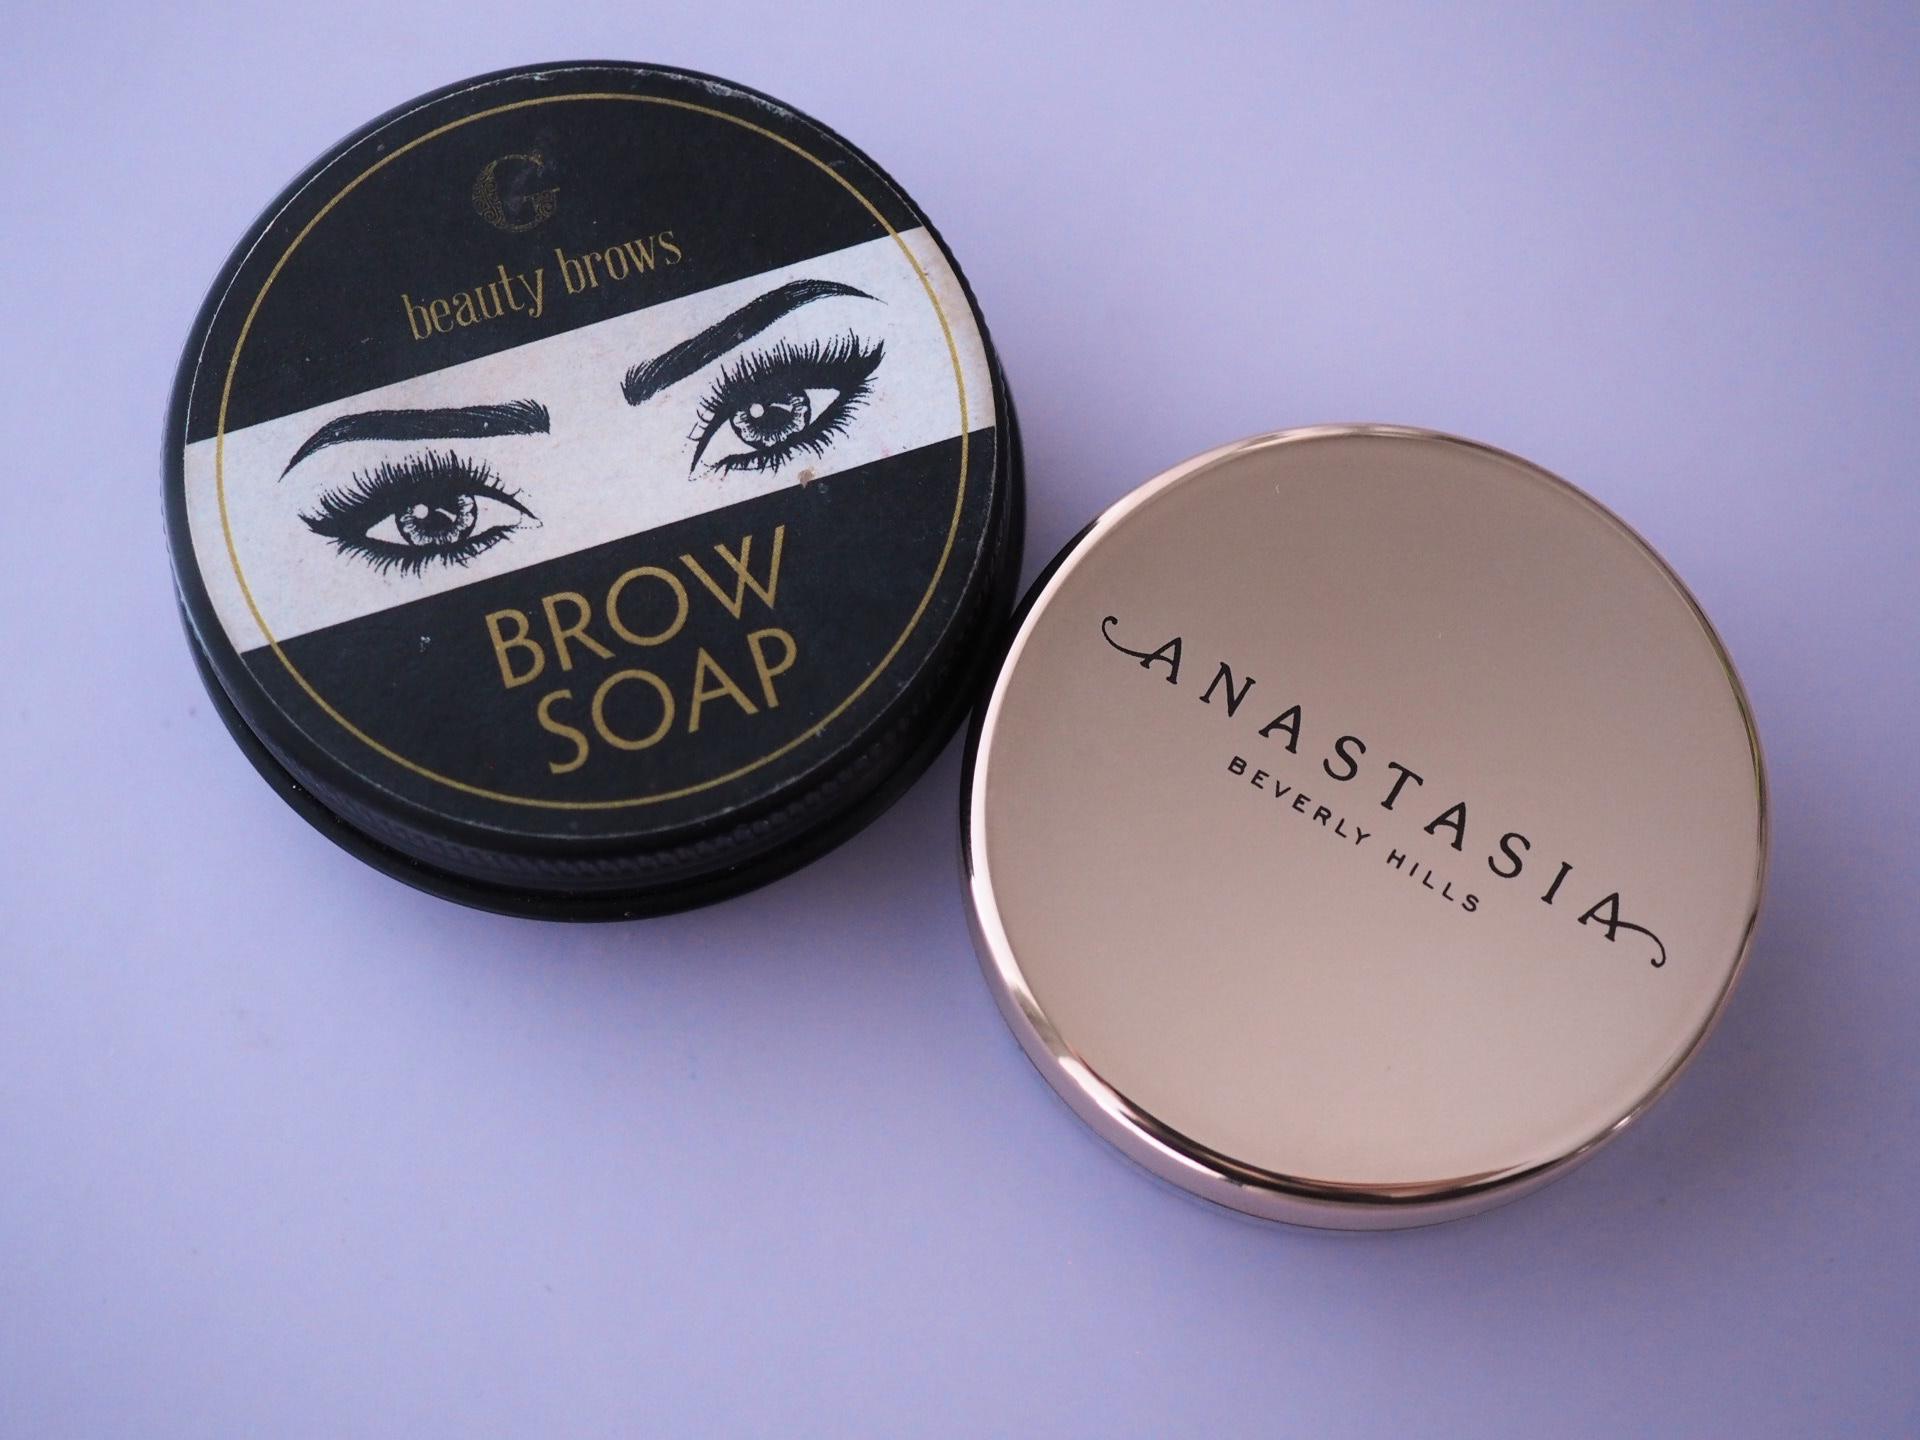 Vertailussa ABH:n Brow Freeze ja G Beauty Labin Brow Soap